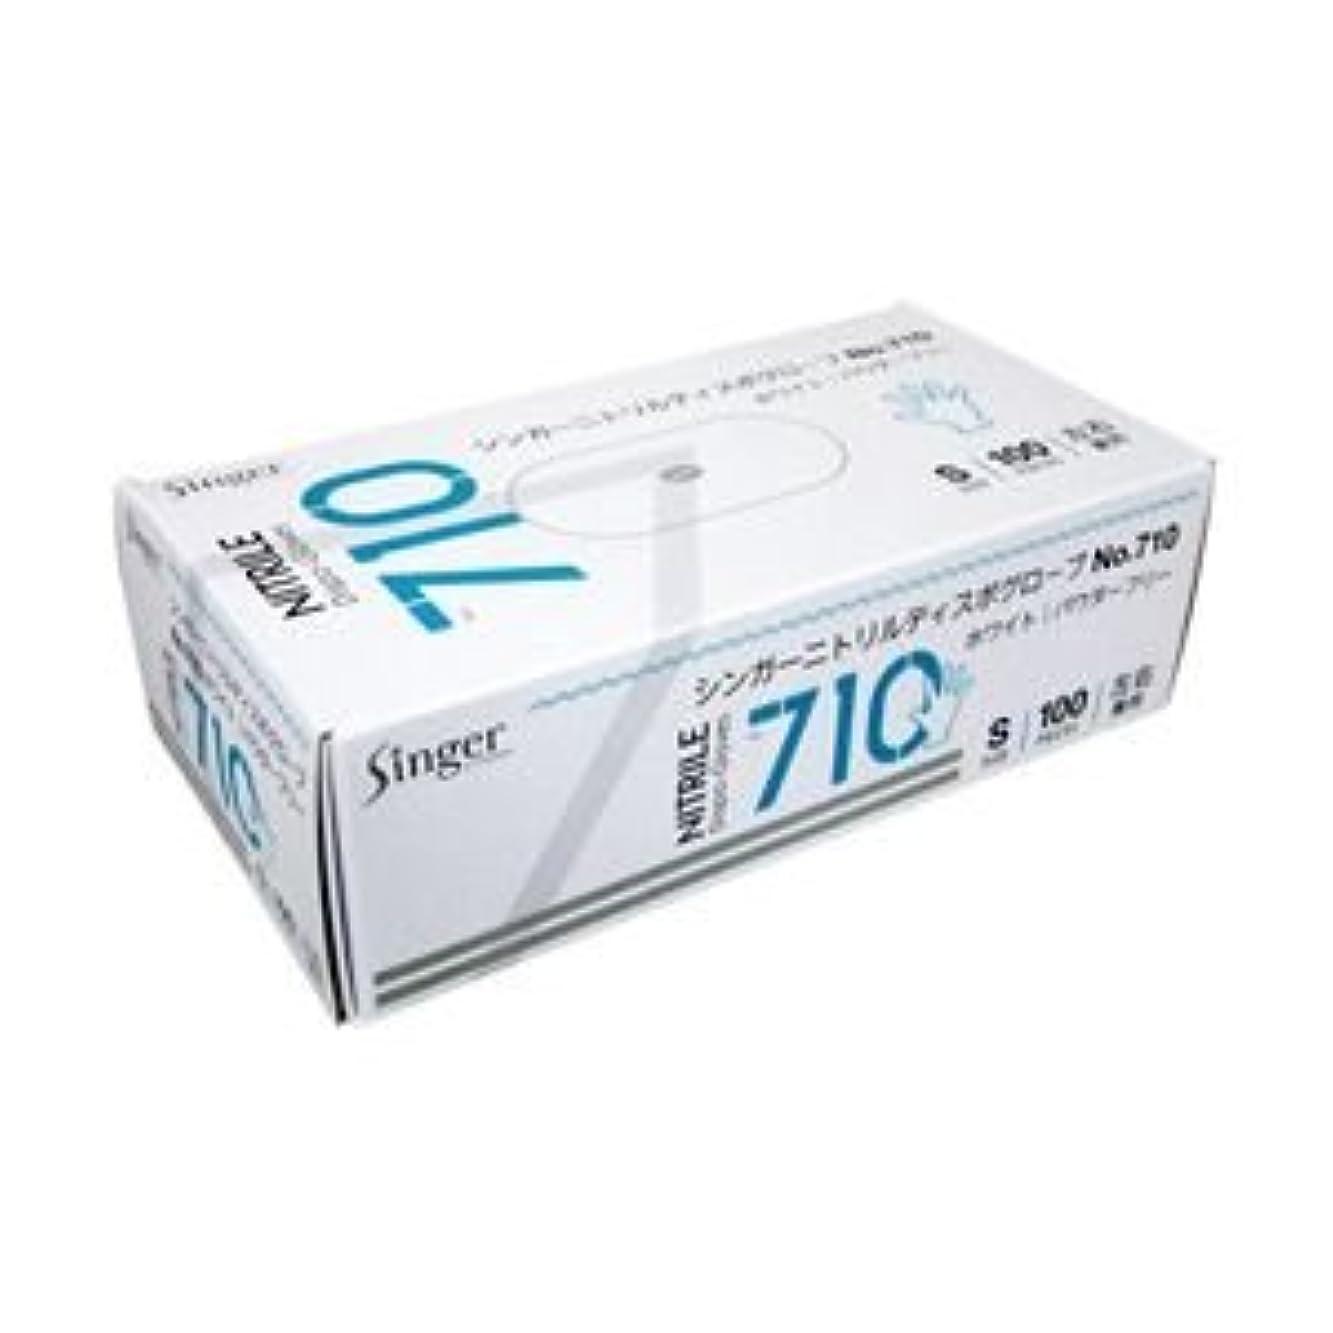 地雷原社会カブ宇都宮製作 ニトリル手袋710 粉なし S 1箱(100枚) ×5セット